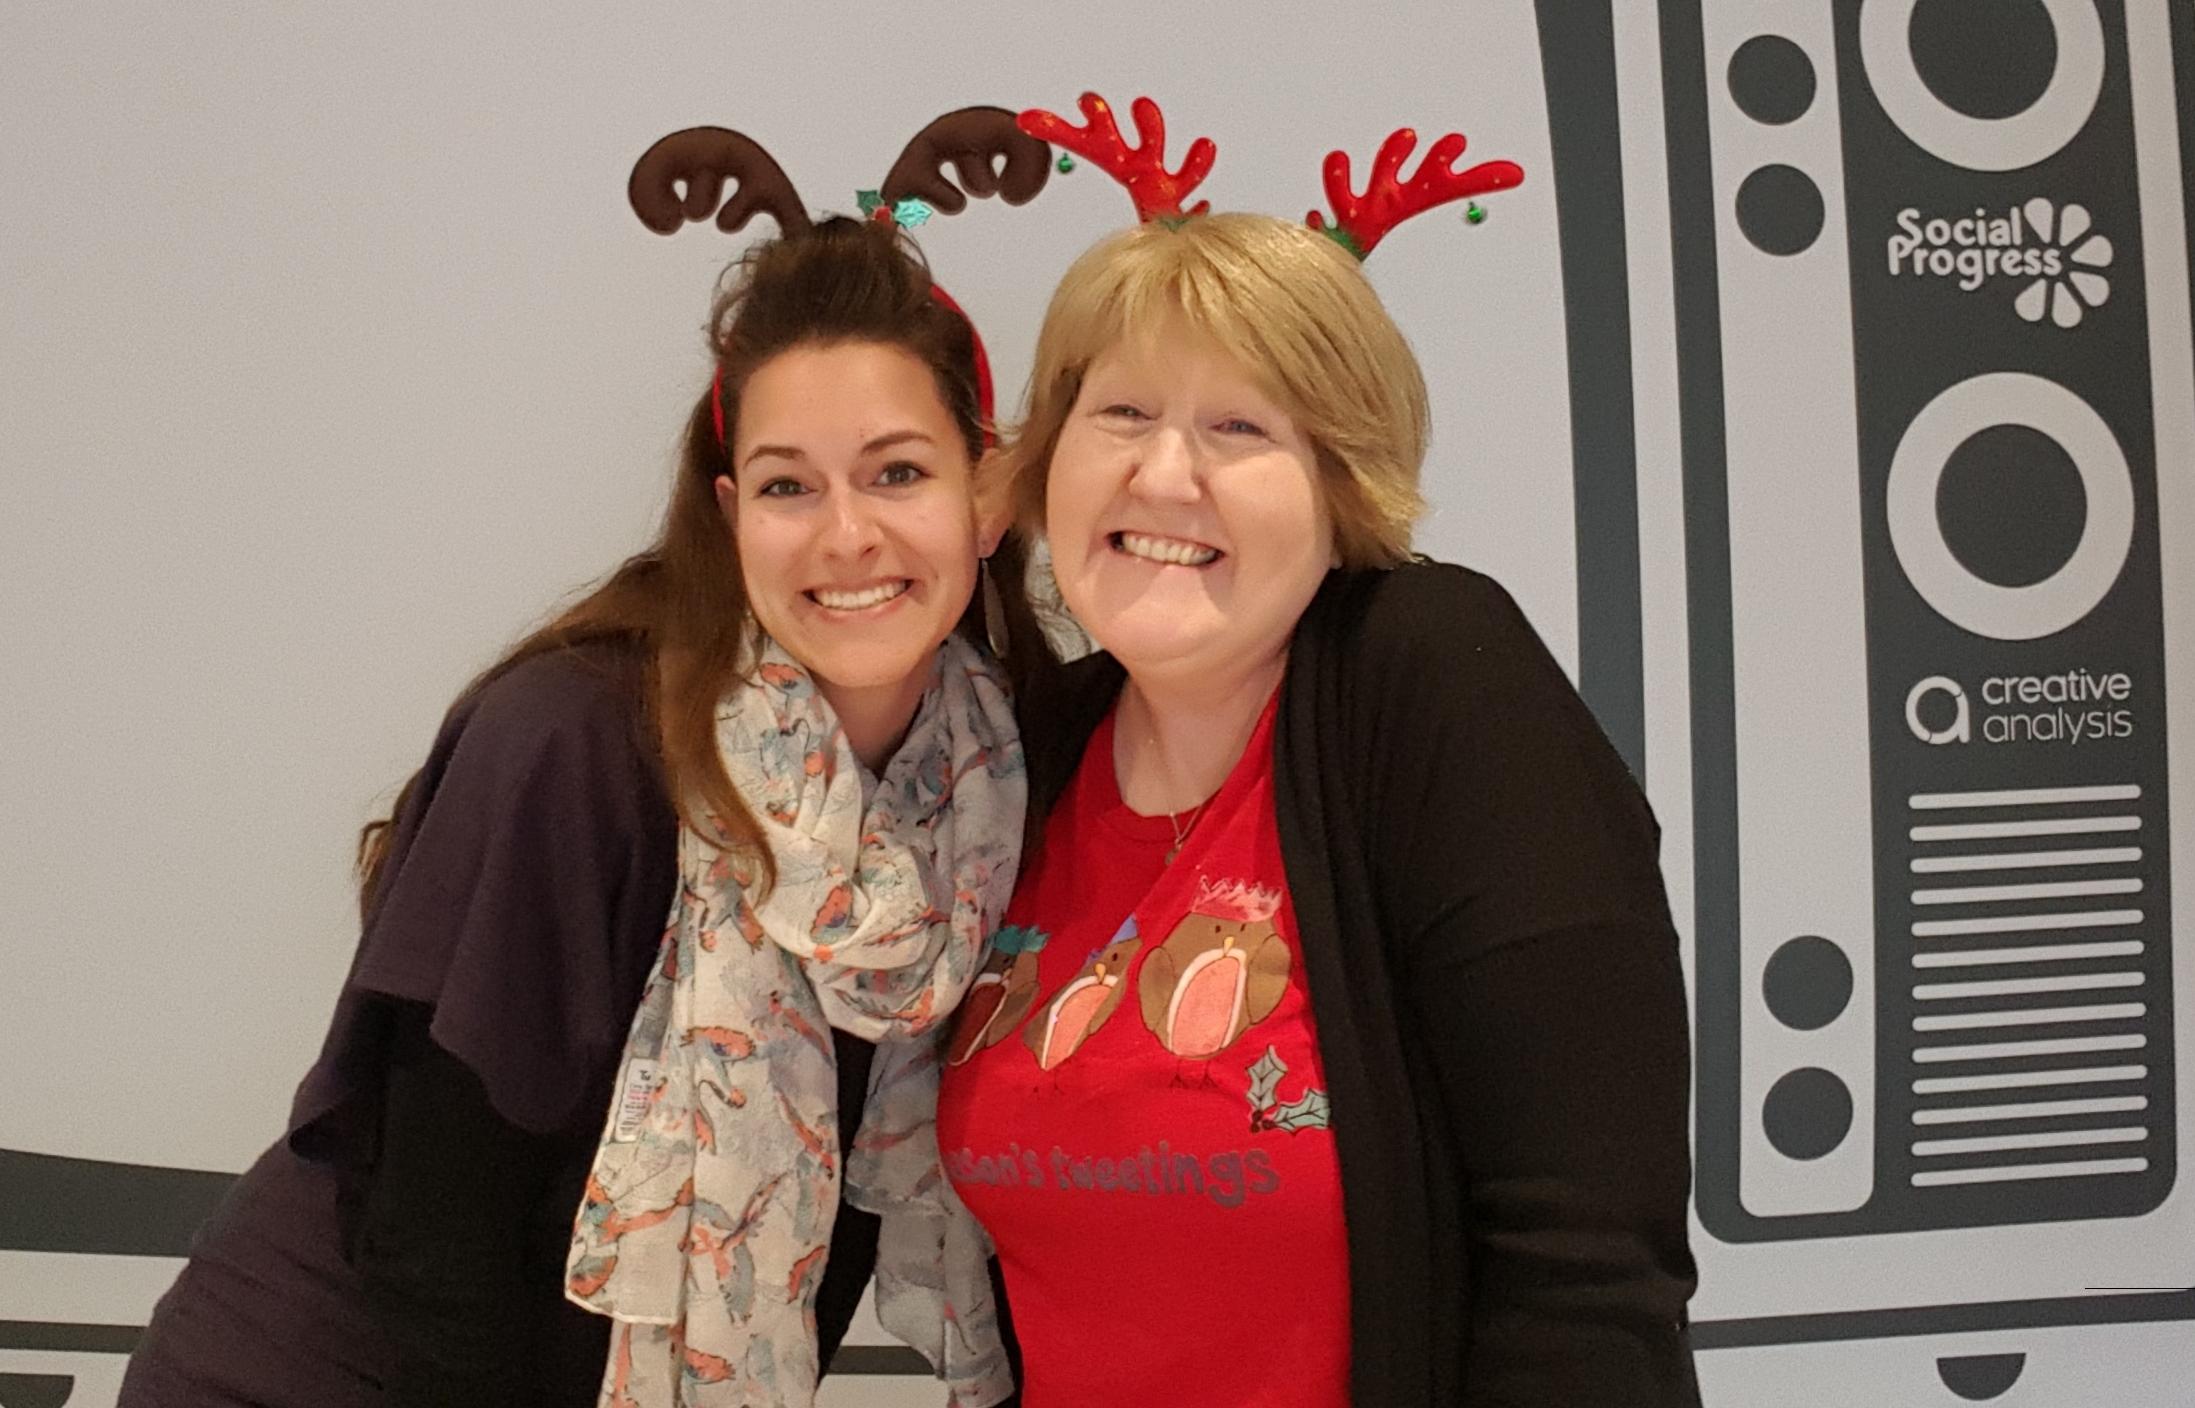 Seasons Tweetings from Team SoPro - Merry Christmas